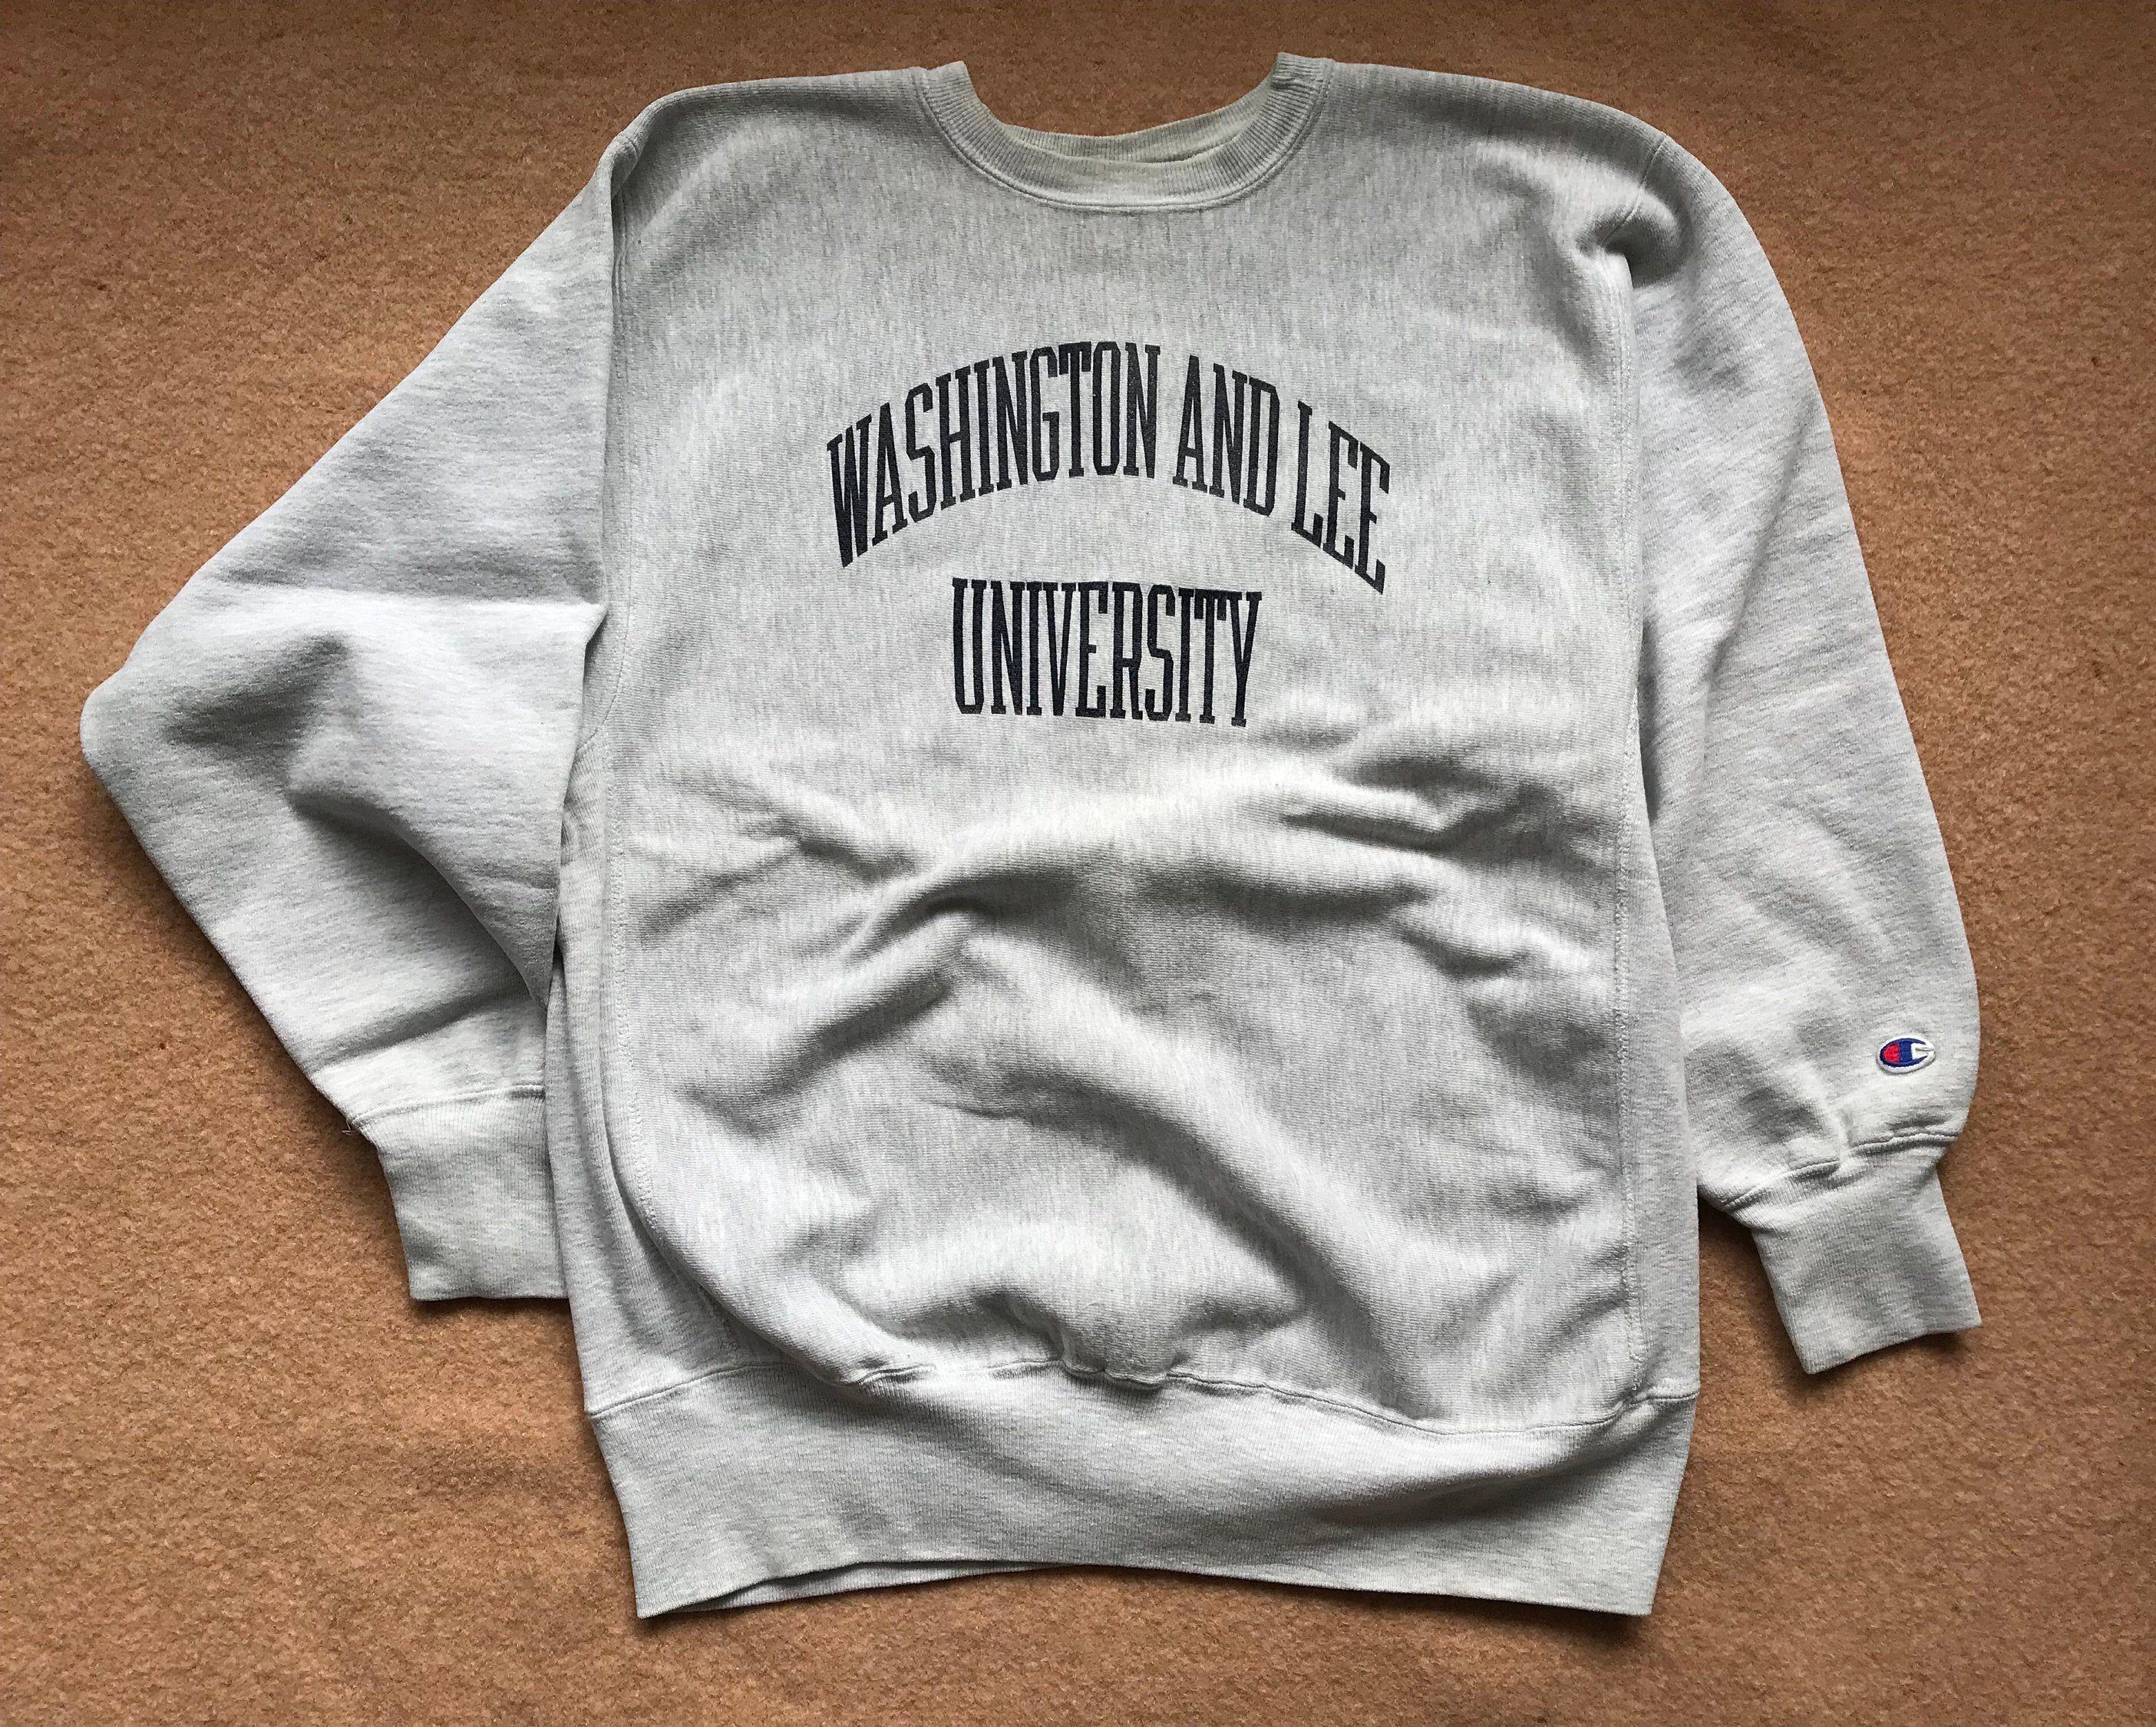 Washington And Lee University Sweatshirt Reverse Weave By Etsy Sweatshirts University Sweatshirts Washington And Lee University [ 2250 x 2809 Pixel ]